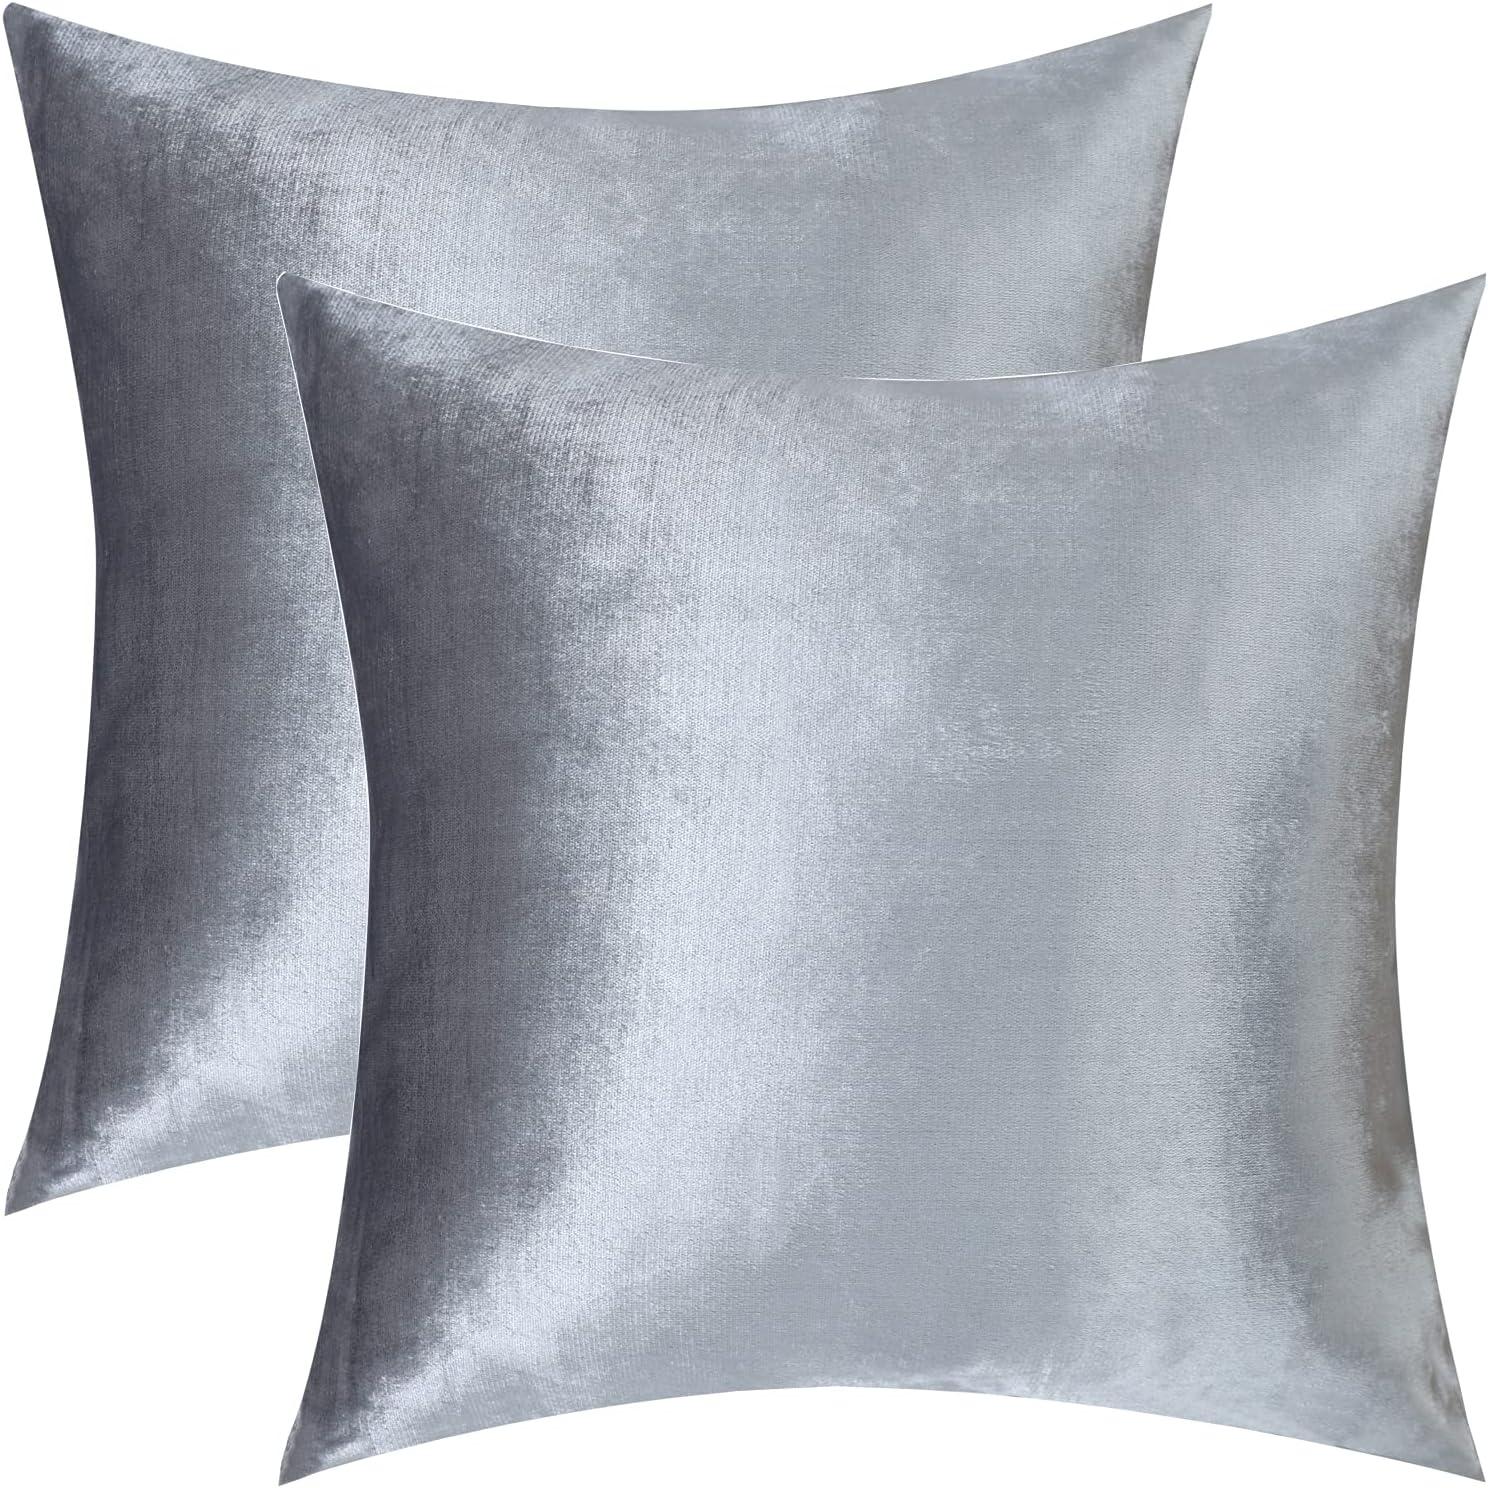 Set of Superlatite 2 Velvet Throw Pillow Square Latest item x Inch Decorat 20 Covers